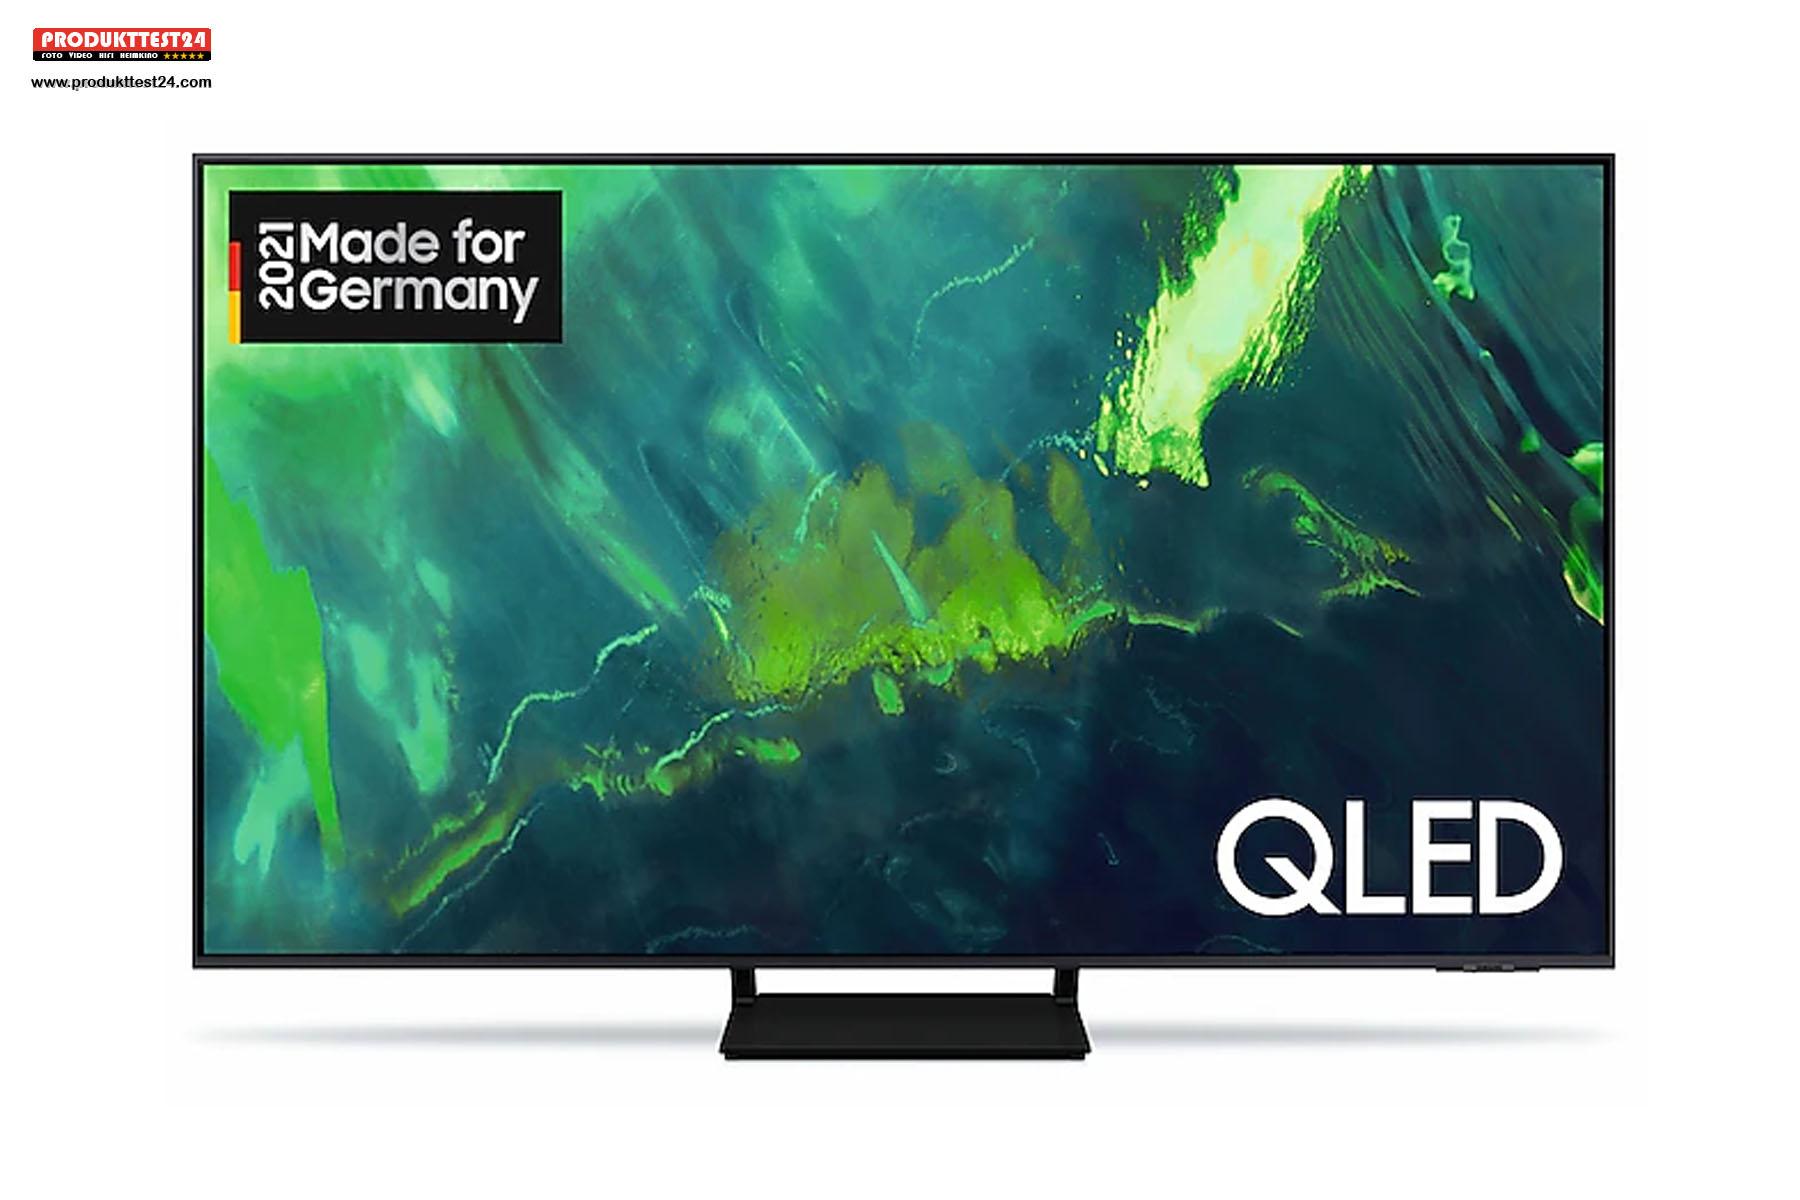 Günstiger QLED-Fernseher mit riesiger 75 Zoll Bilddiagonale.